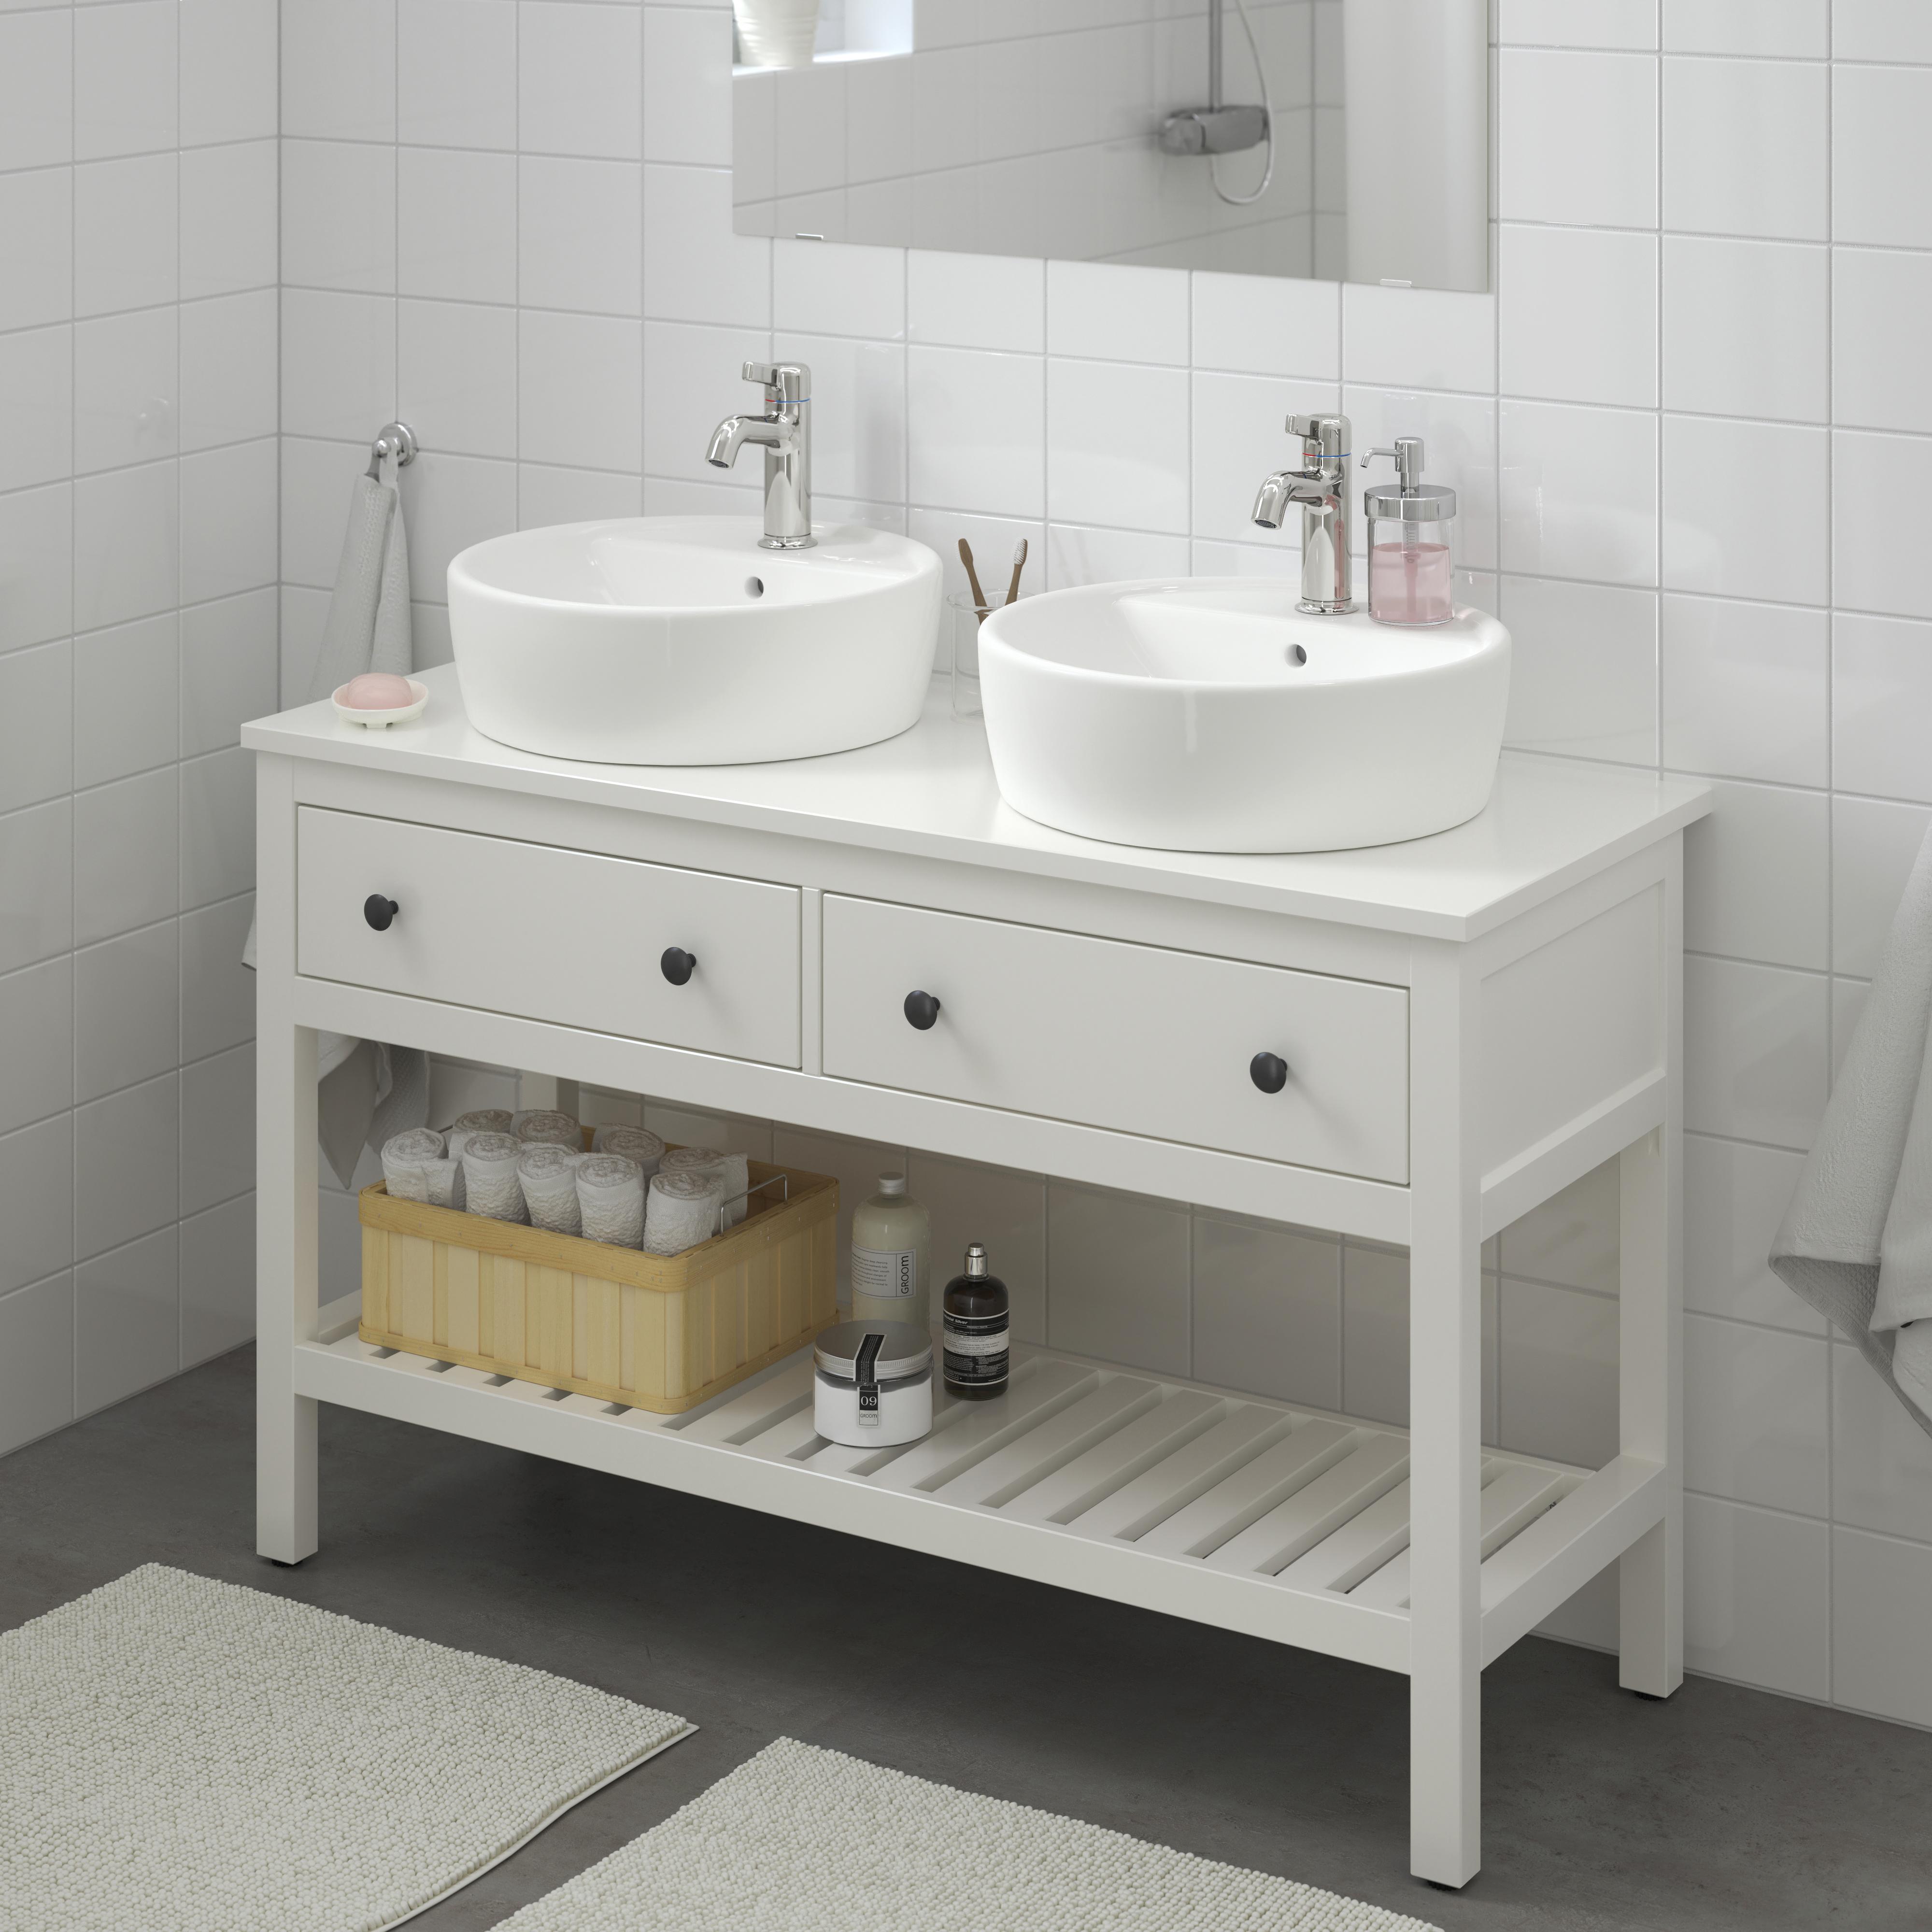 Mobile Bagno Ikea Immagini mobile bagno con cassetti - cose di casa